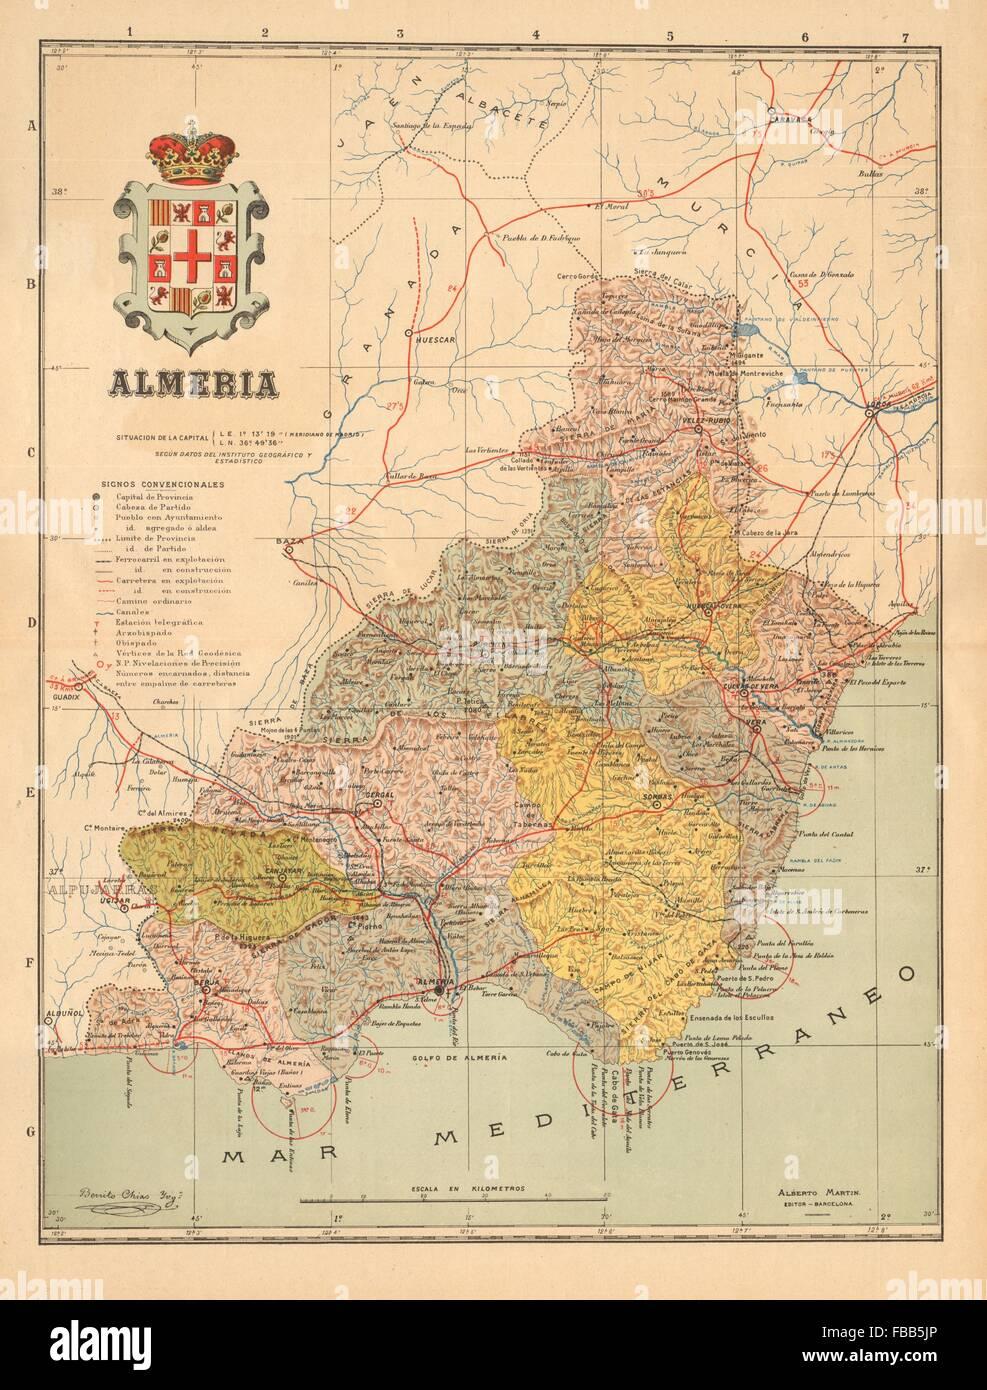 Provincia De Almeria Mapa.Almeria Almeria Andalucia Mapa Antiguo De La Provincia